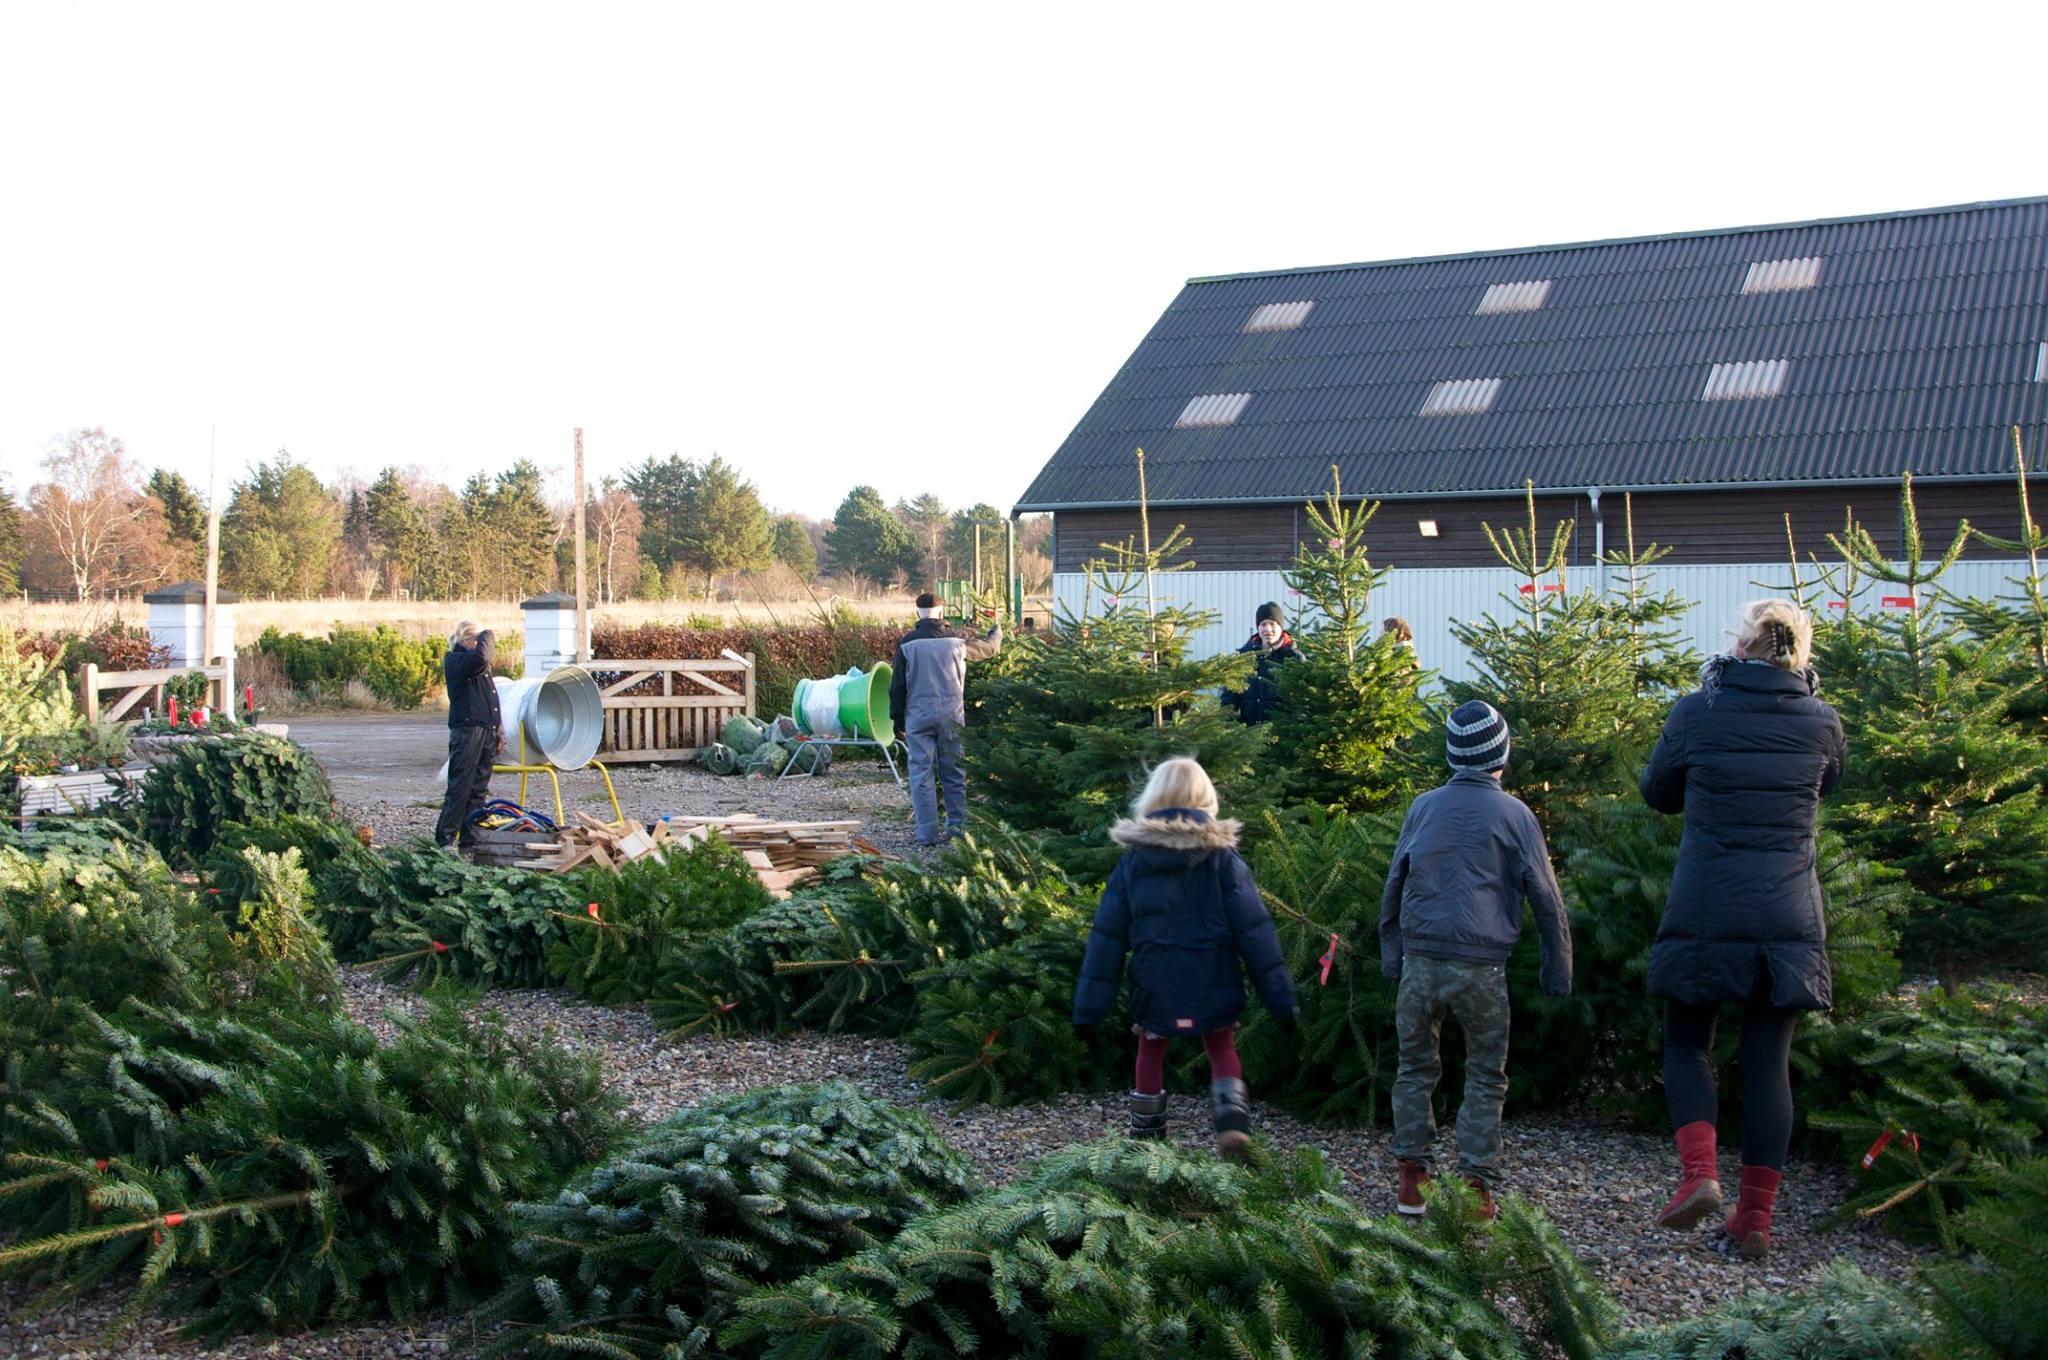 Juletræer på gårdpladsen